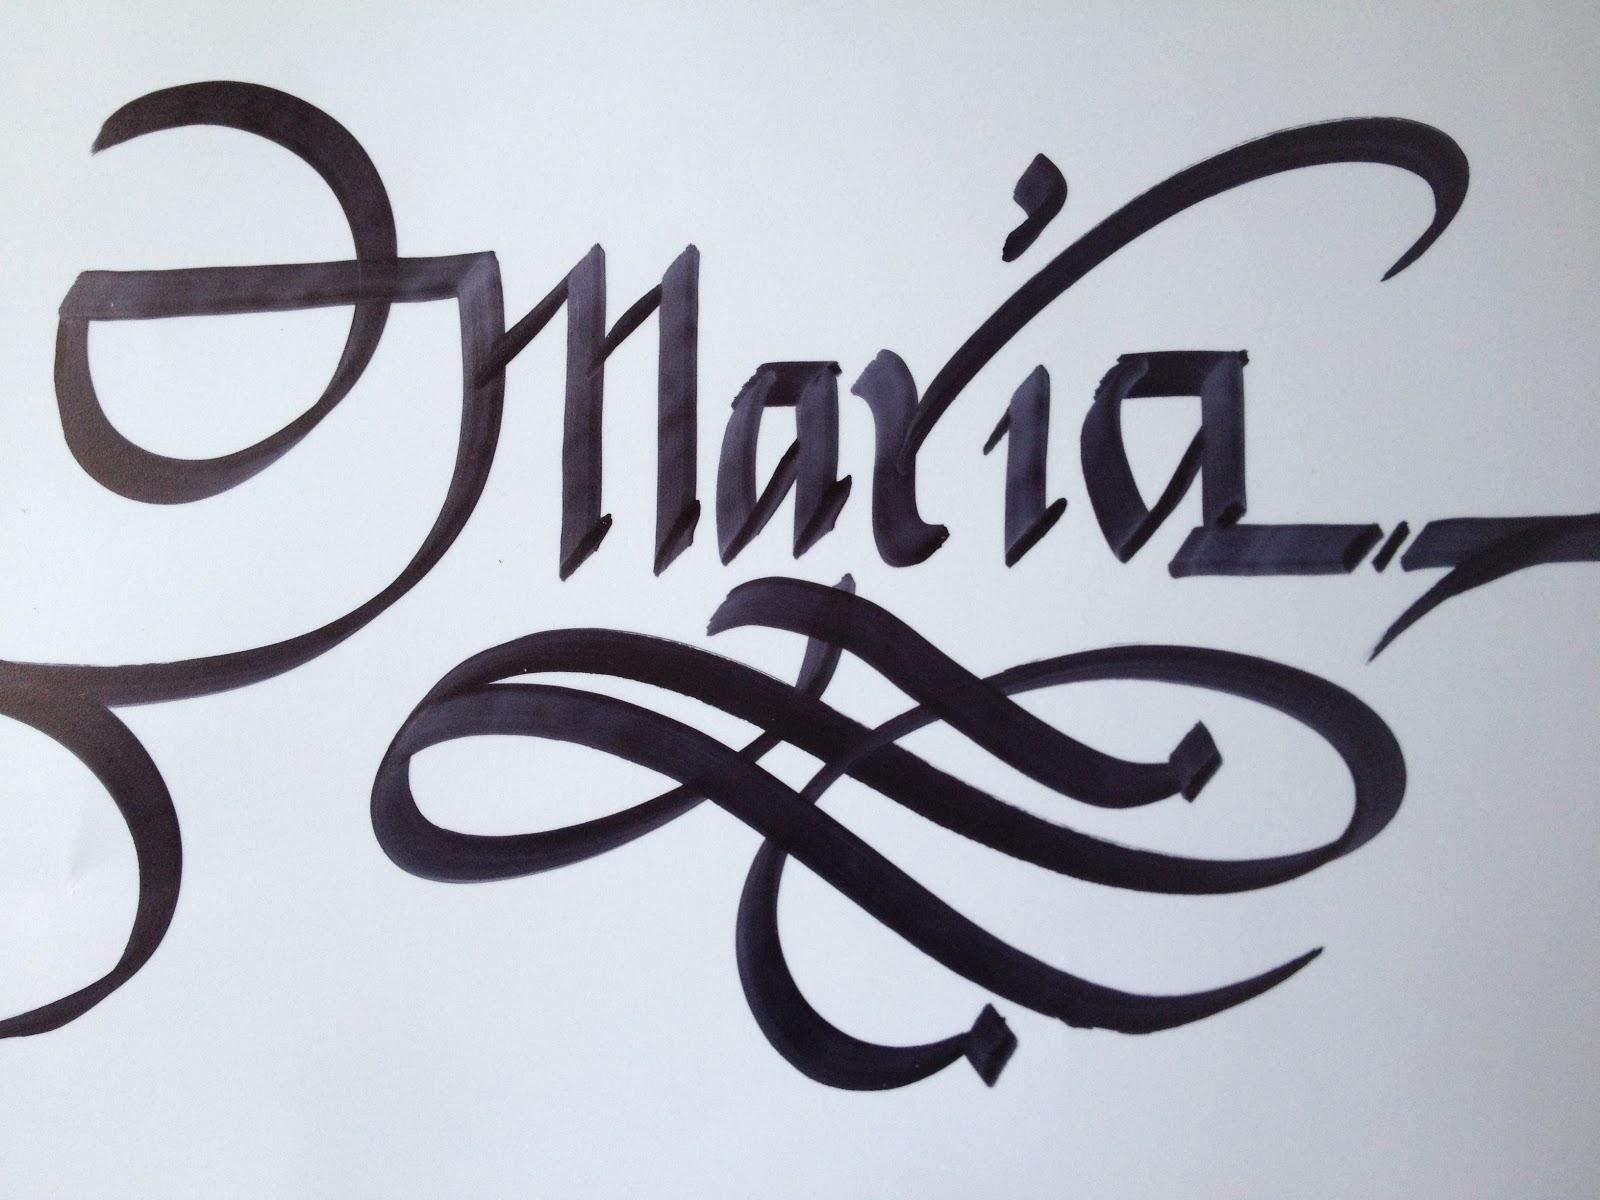 بالصور معنى اسم ماريا , معاني كلمة ماريا في اللغة اليونانية 5727 8